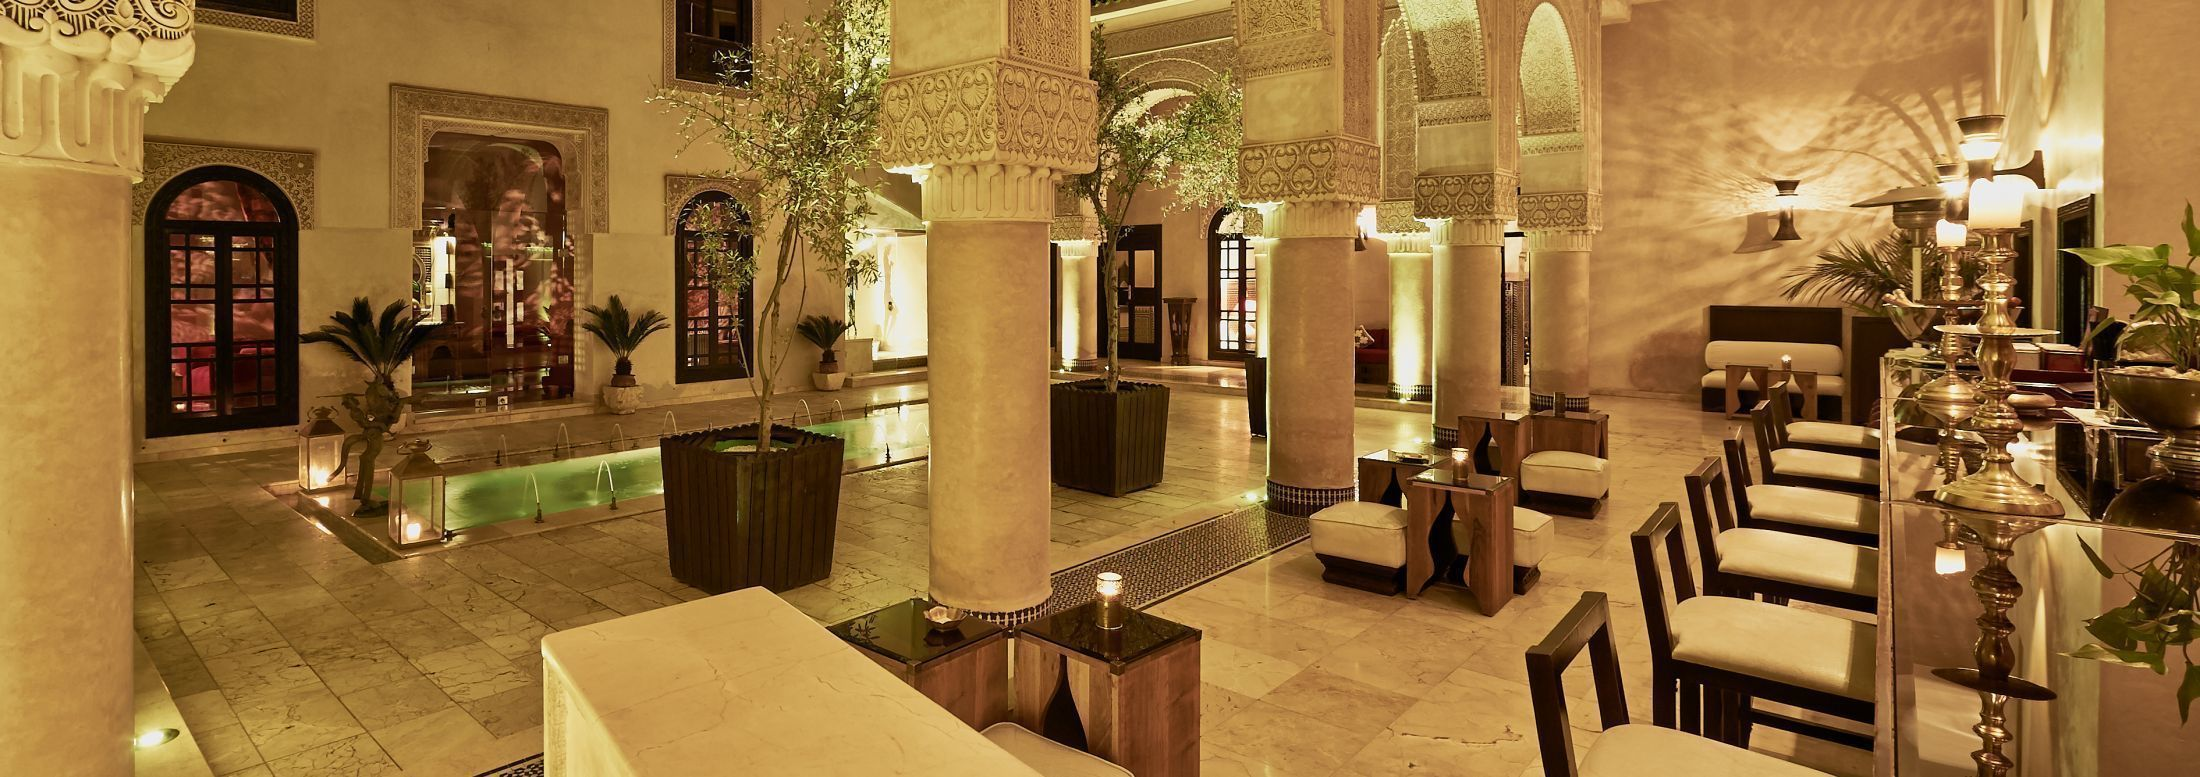 Riad Fes Hotel - Restaurant